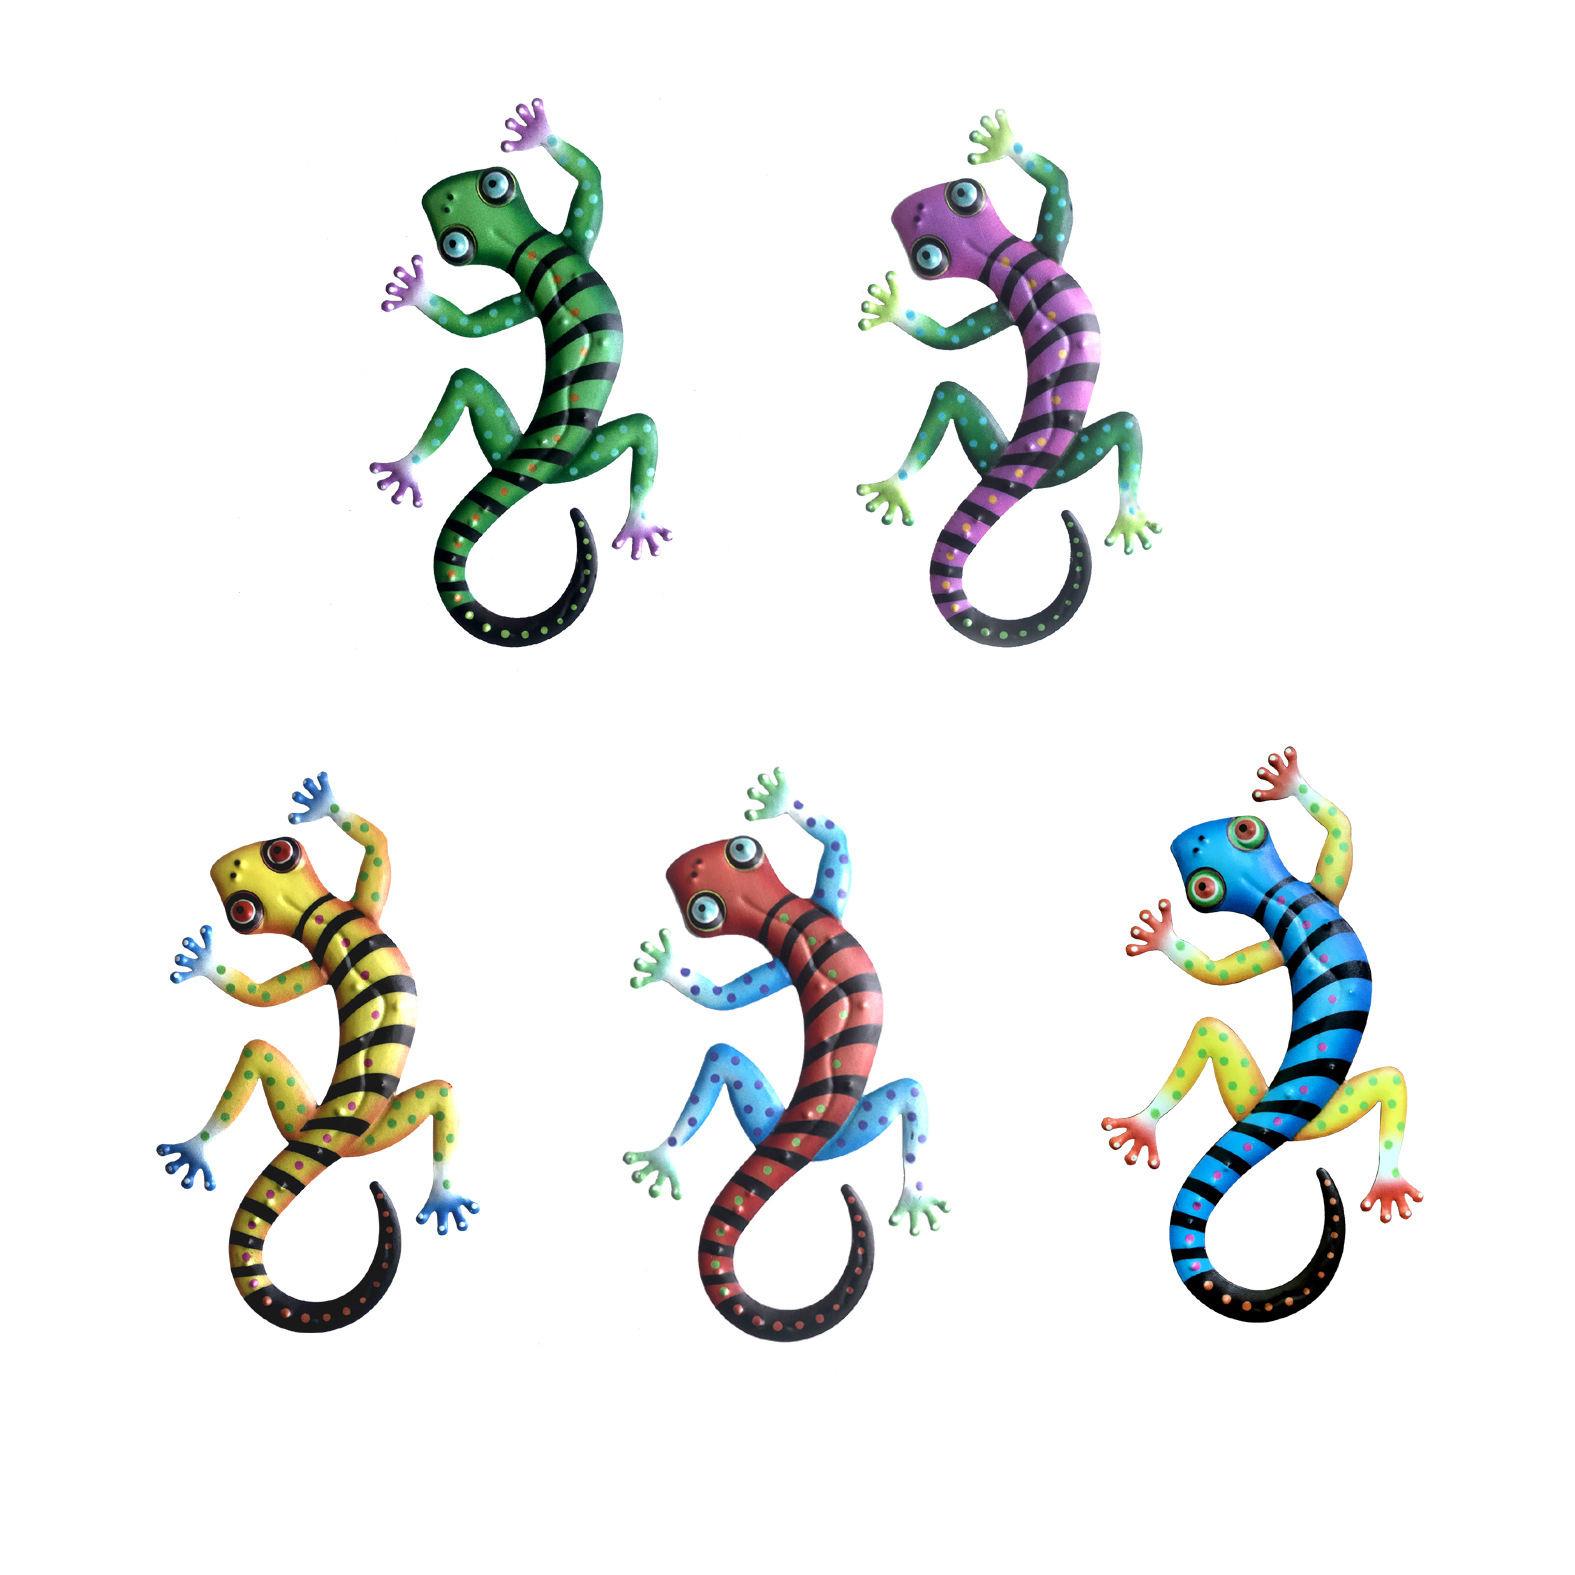 مجموعة من 5 المعادن أبو بريص جدار ديكور فني النحت الحيوان ملهمة شنق داخلي في الهواء الطلق للمنزل